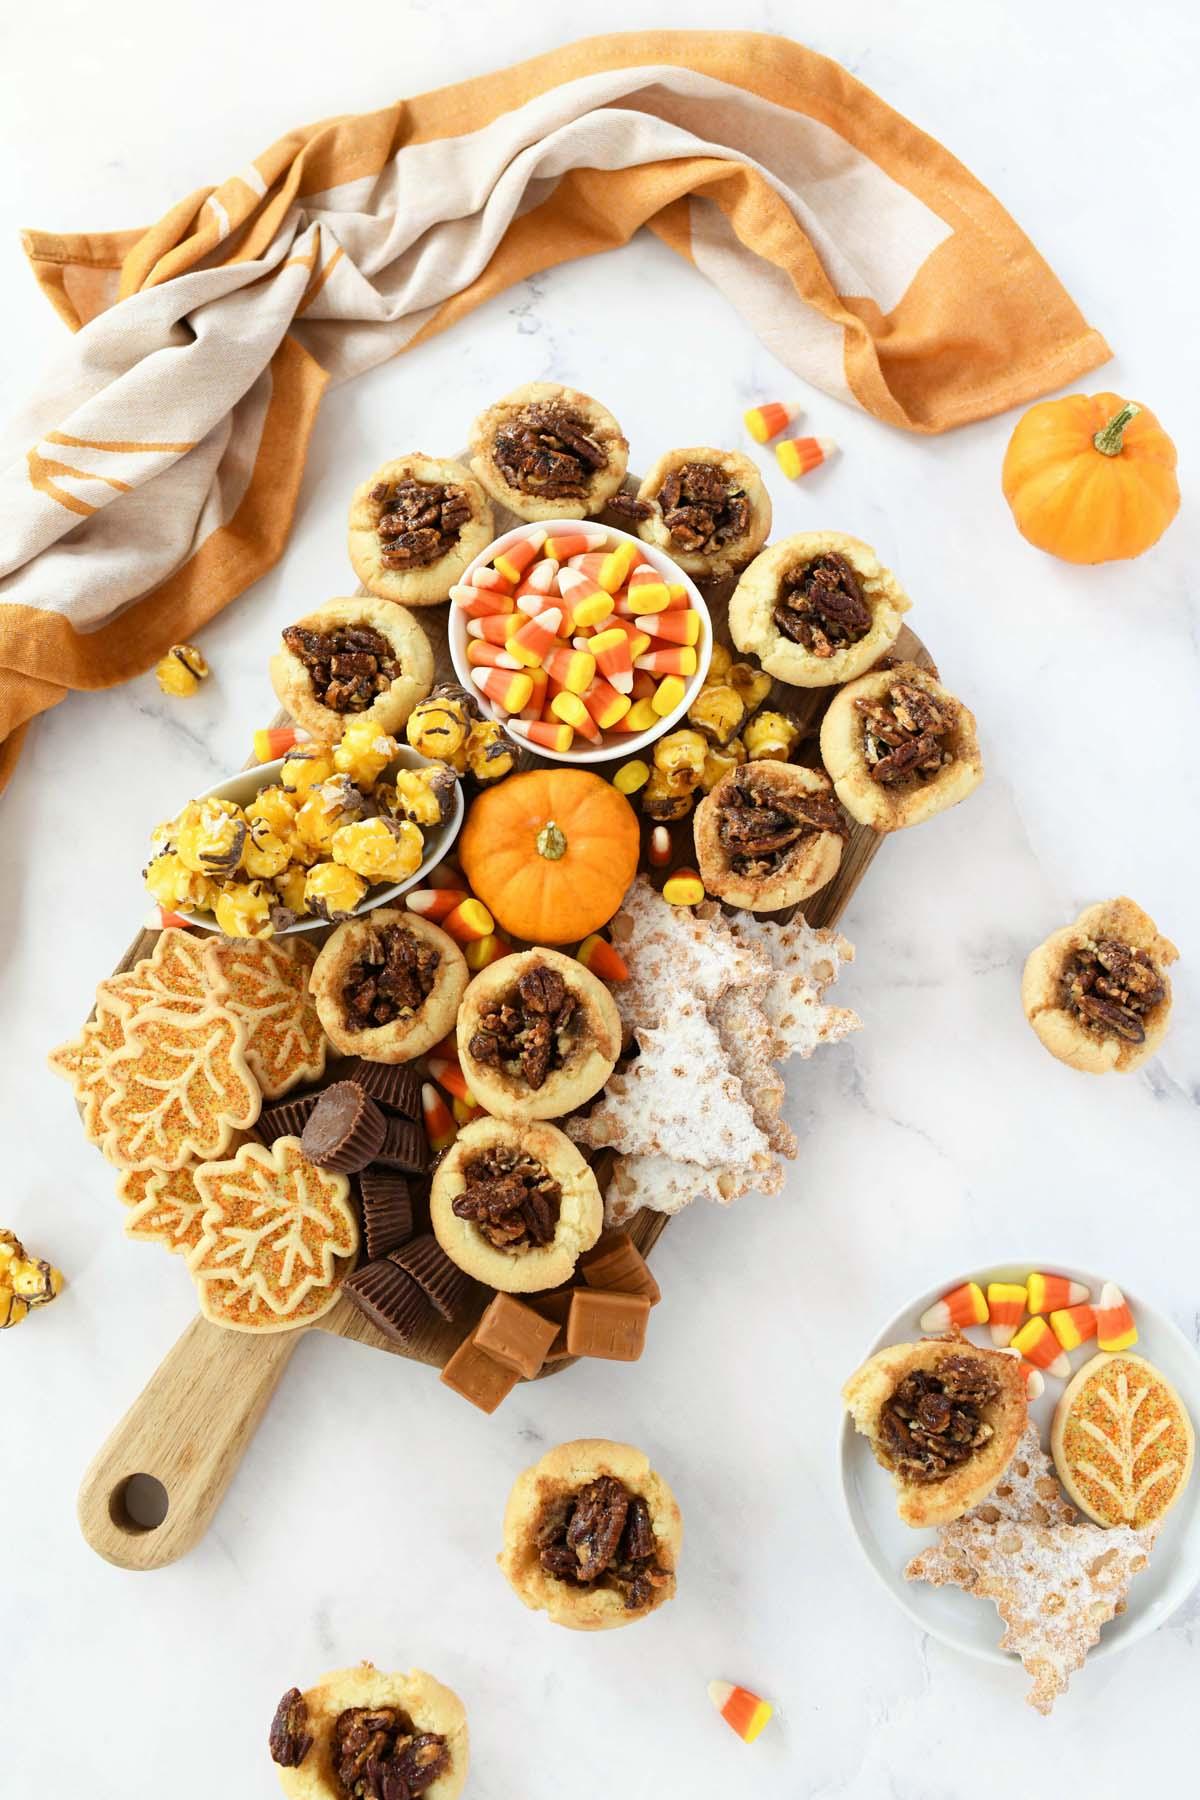 Harvest Snack Board with orange napkins and pumpkins.